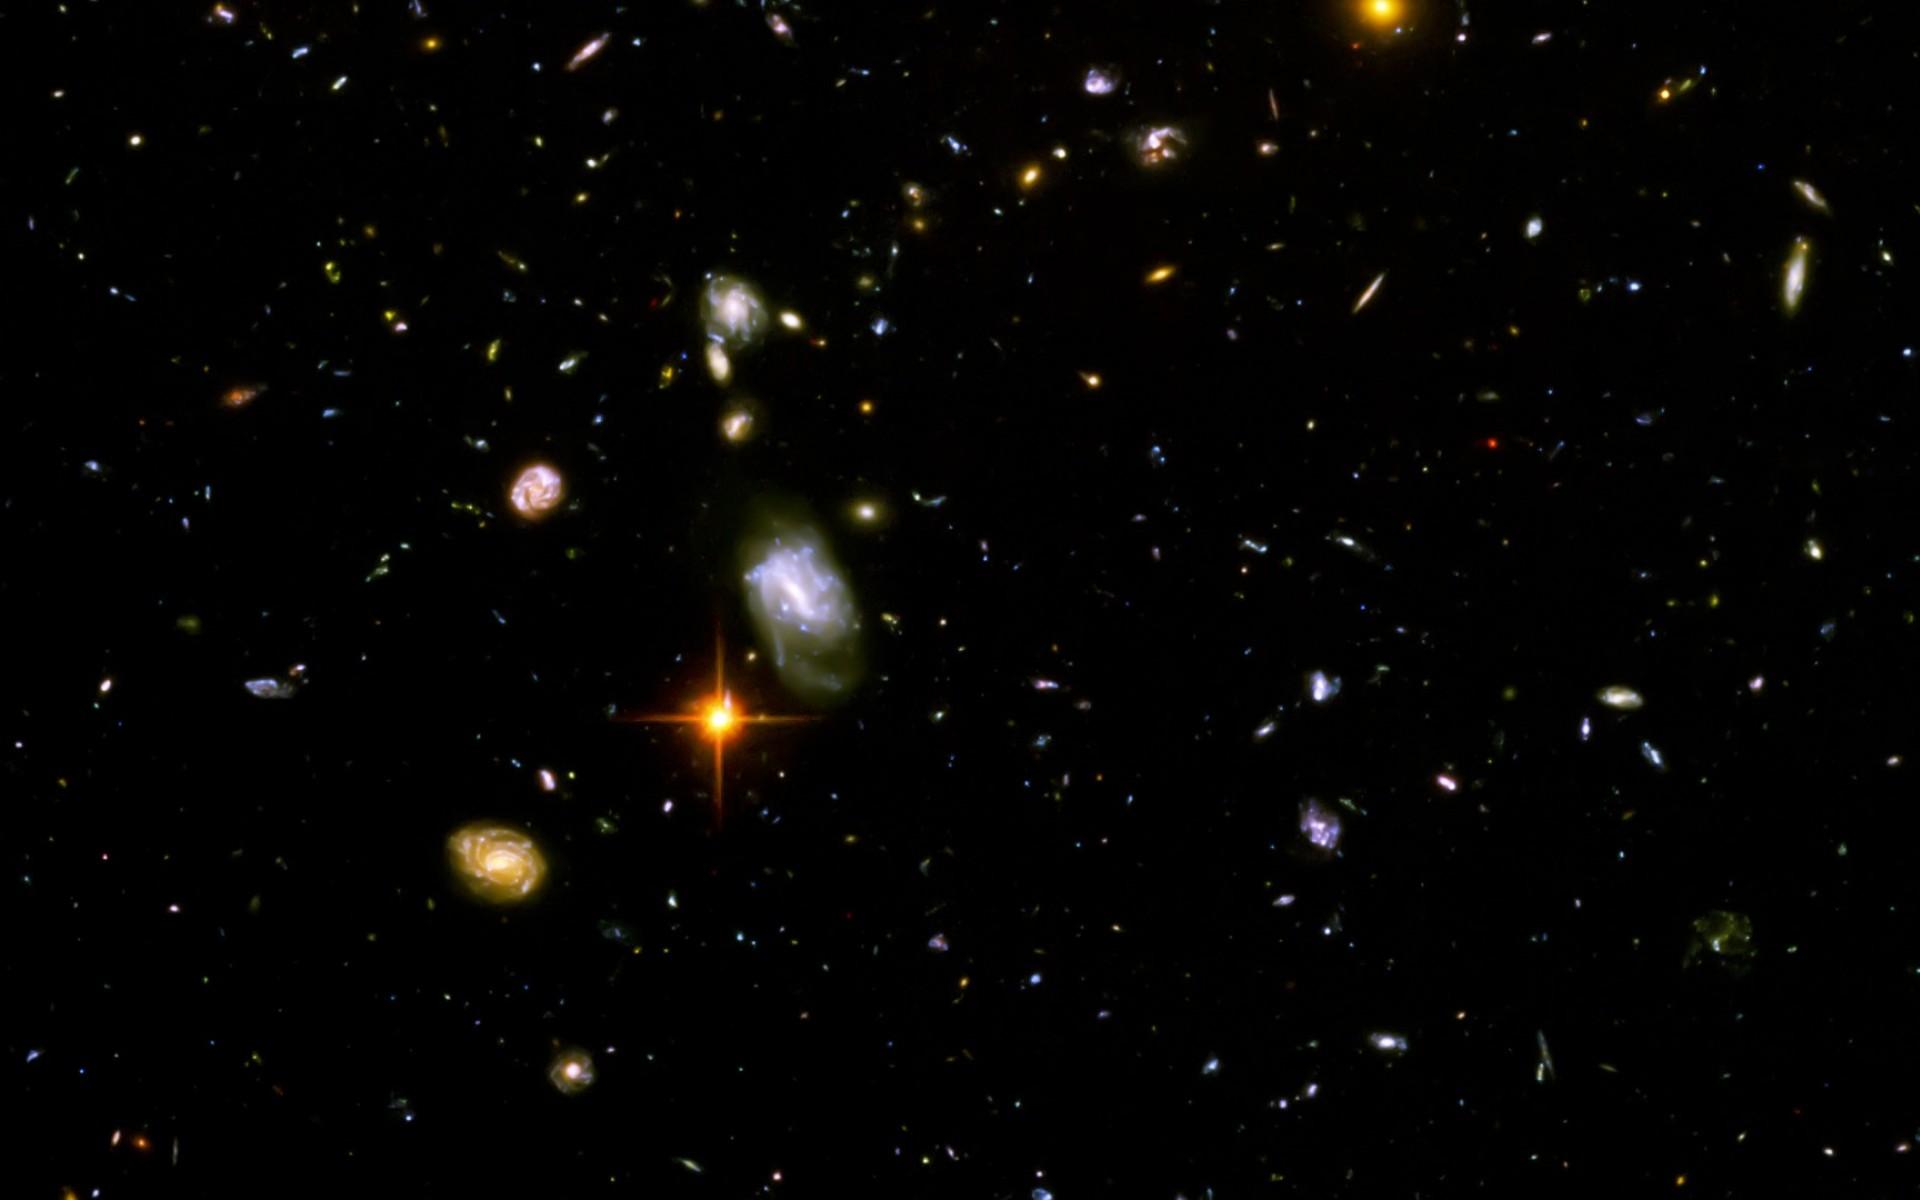 Hubble Deep Field Hd Wallpaper